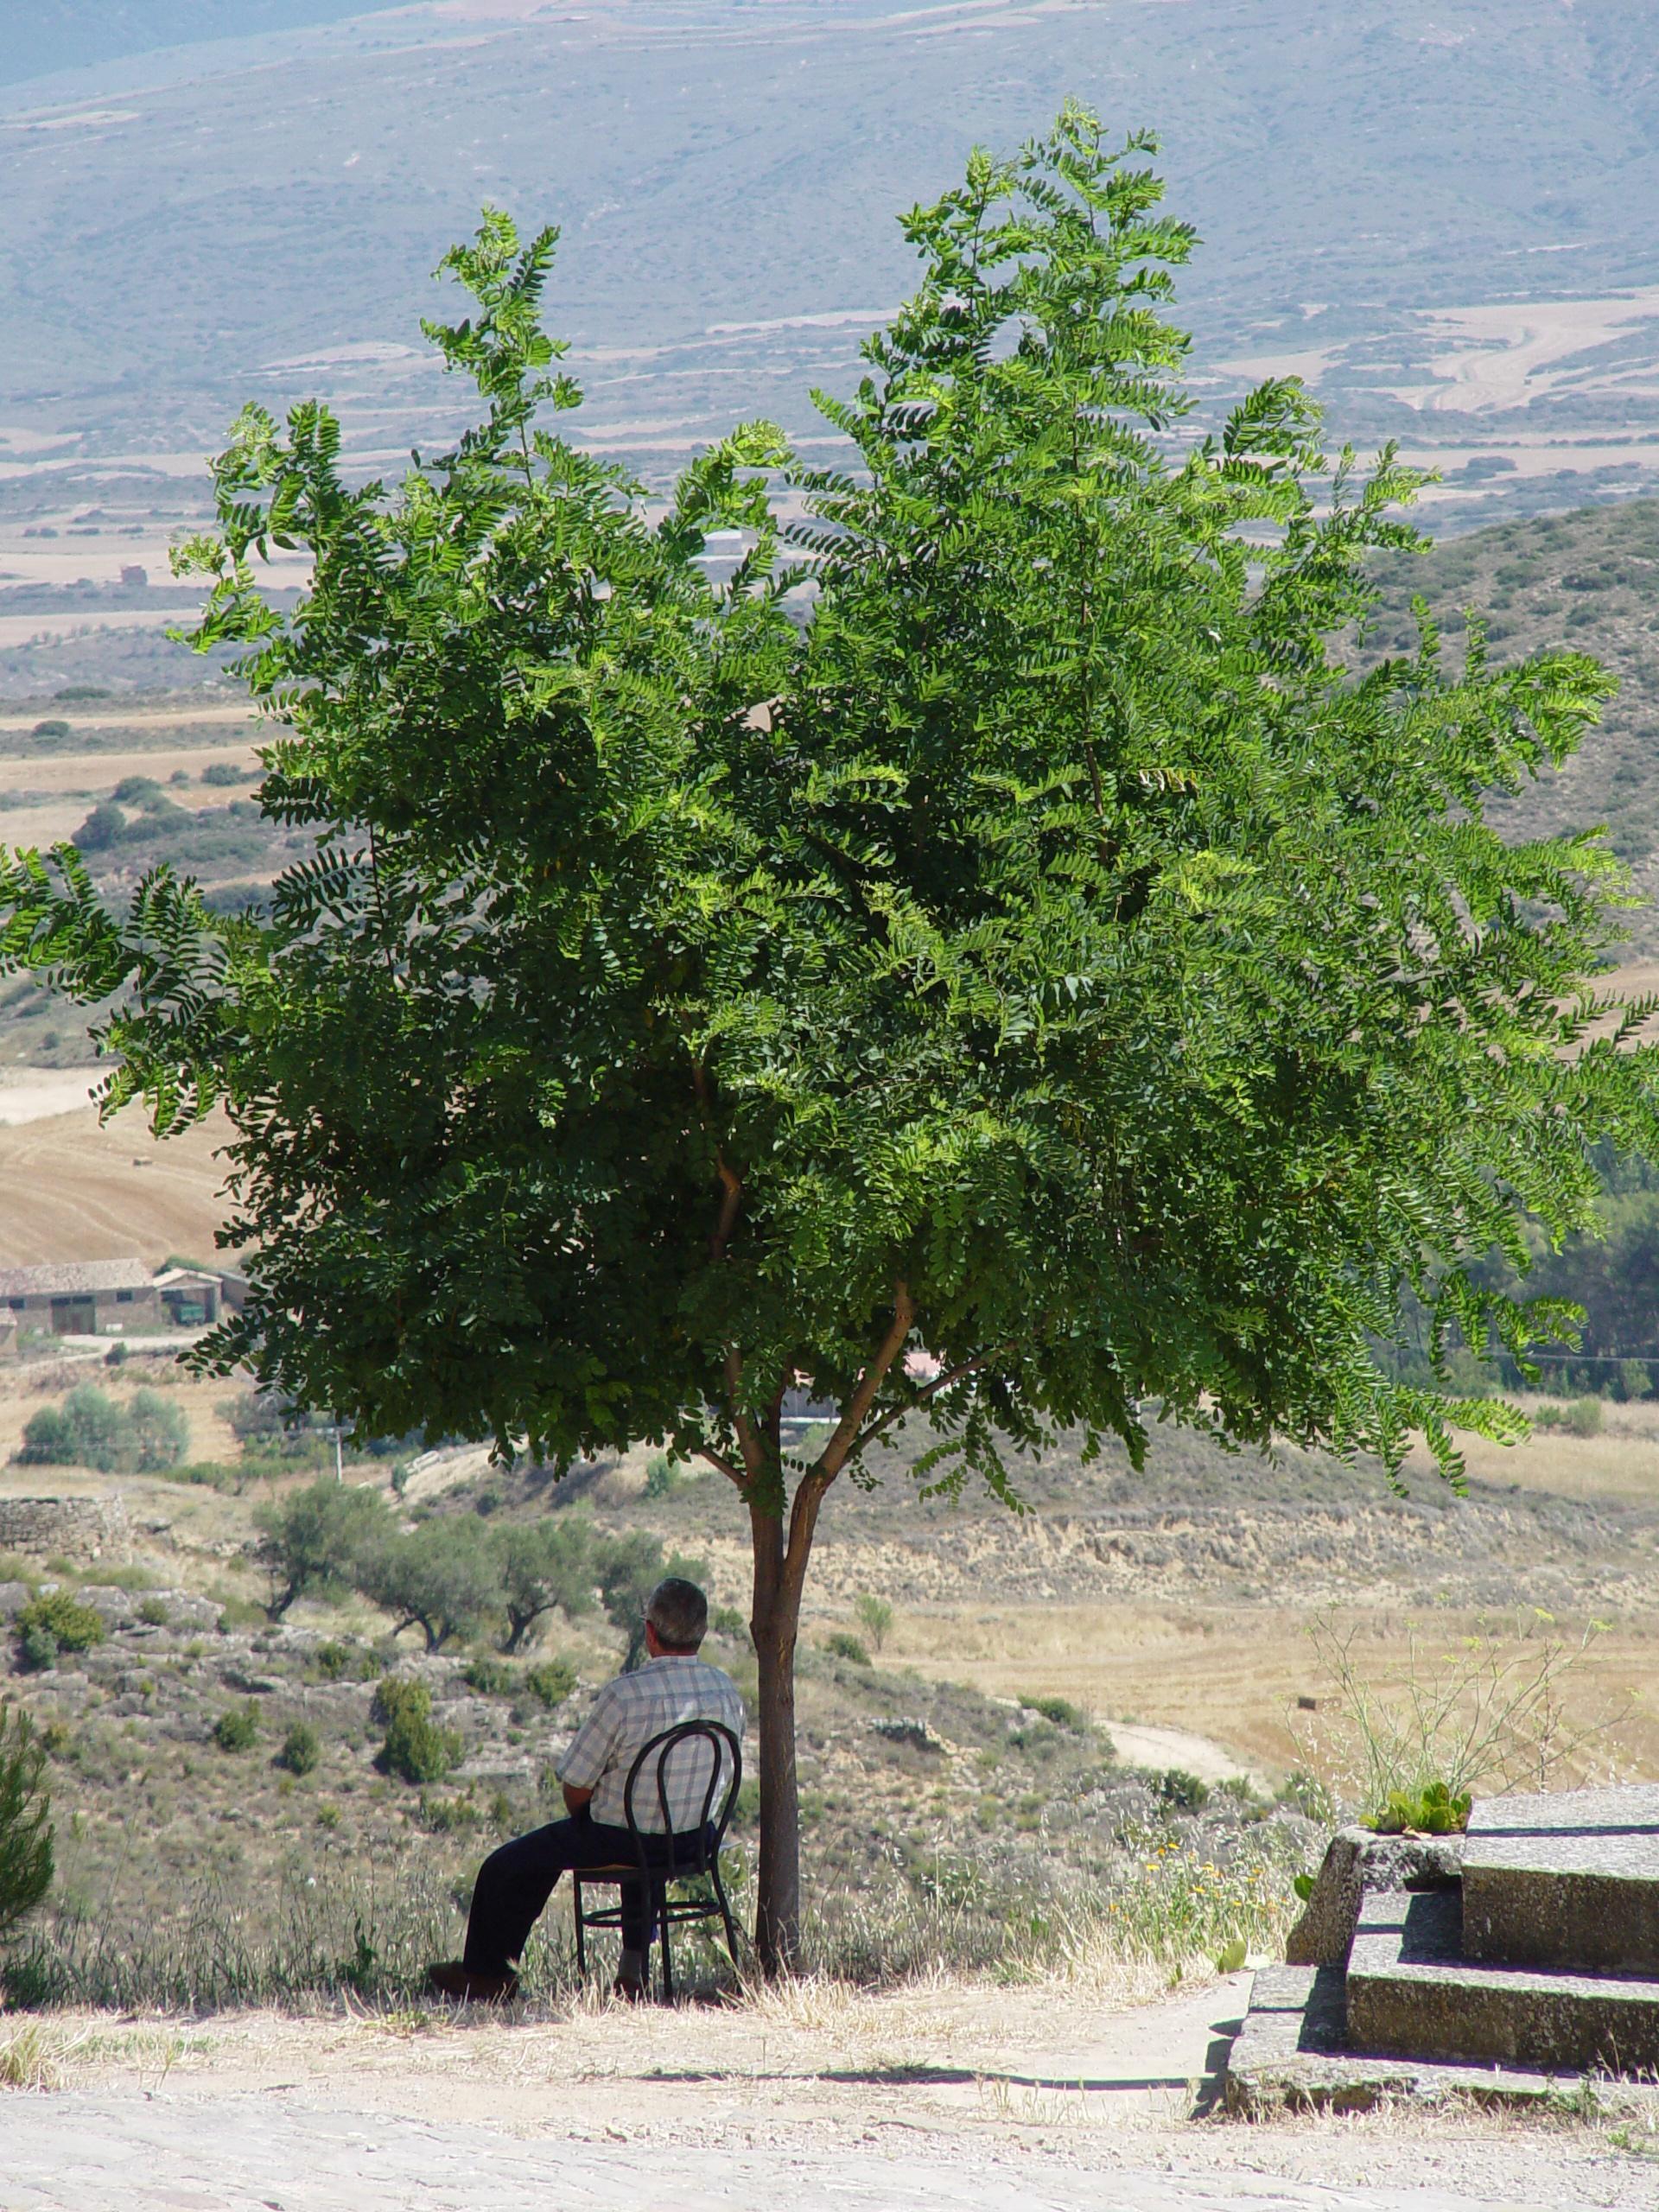 A la sombra de un rbol fotos de la foto del verano for Arboles sombra jardin